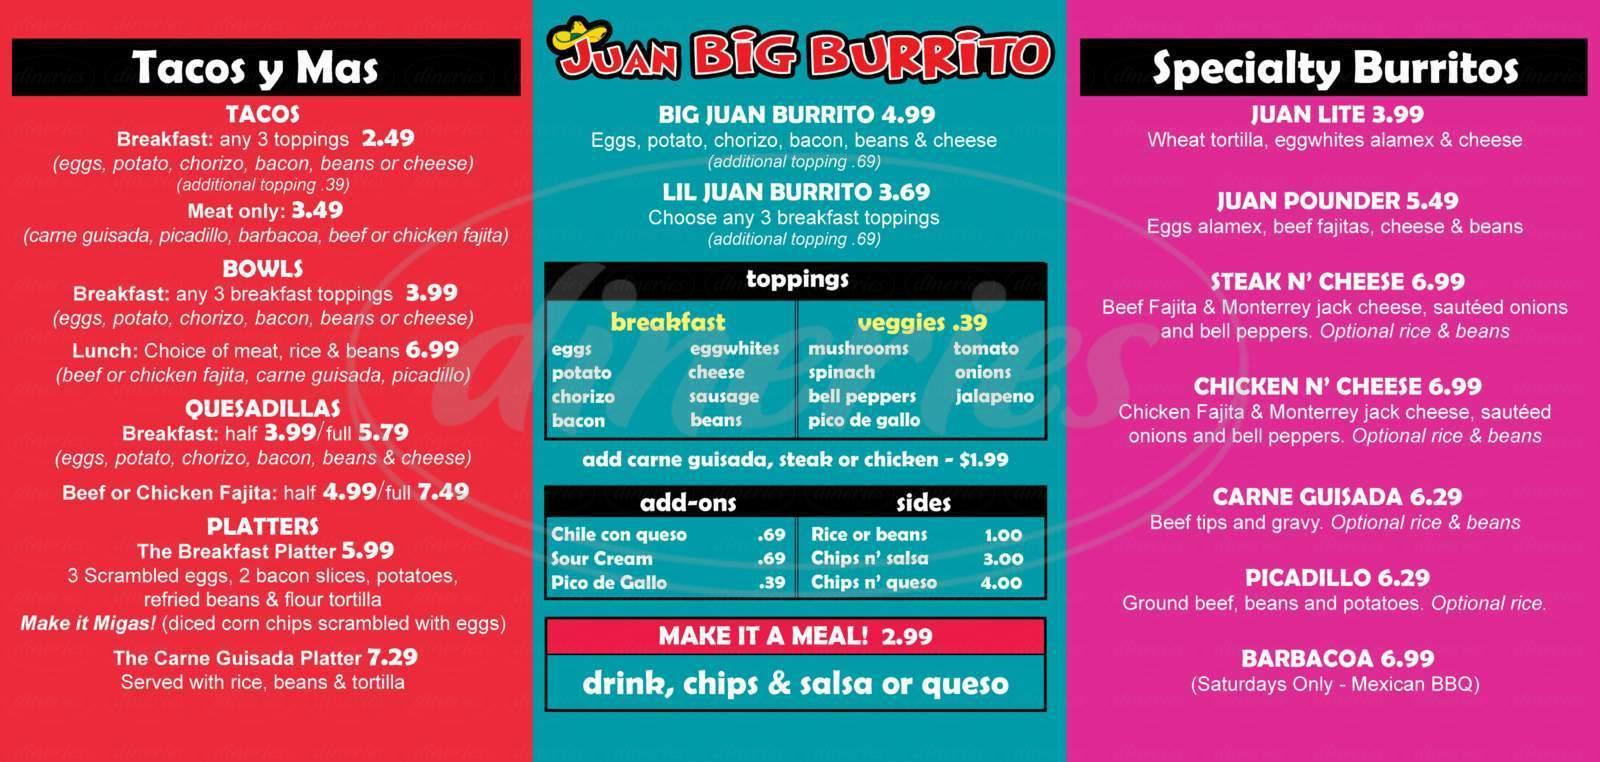 menu for Juan Big Burrito